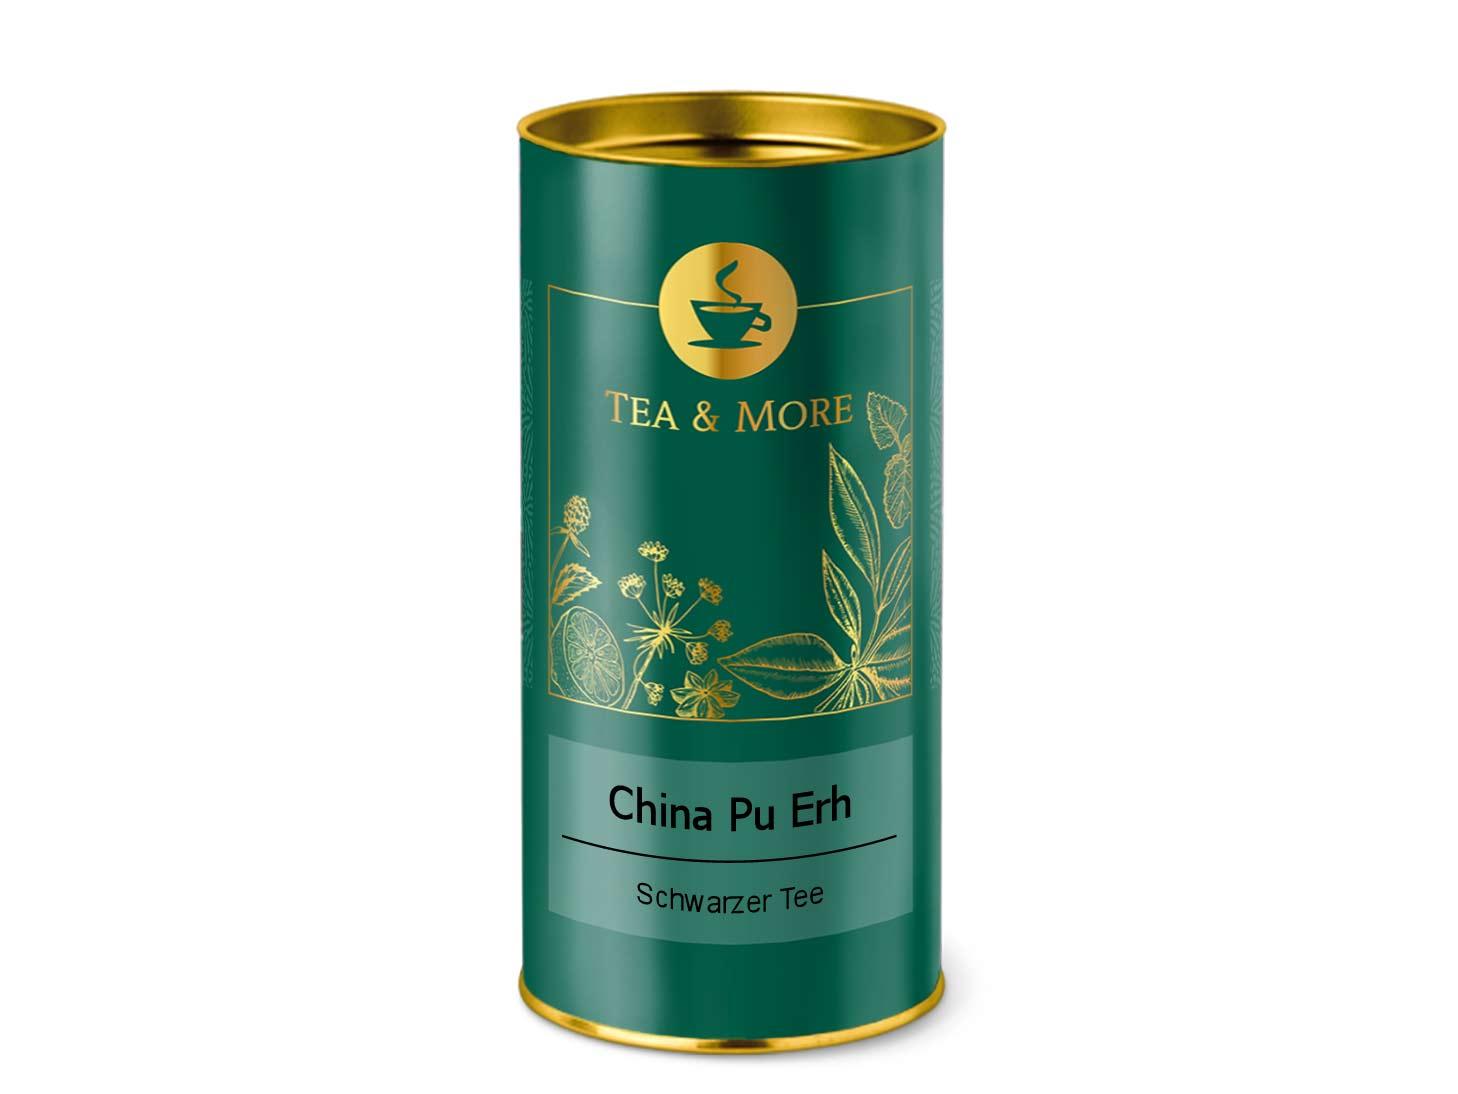 China Pu Erh (organic)